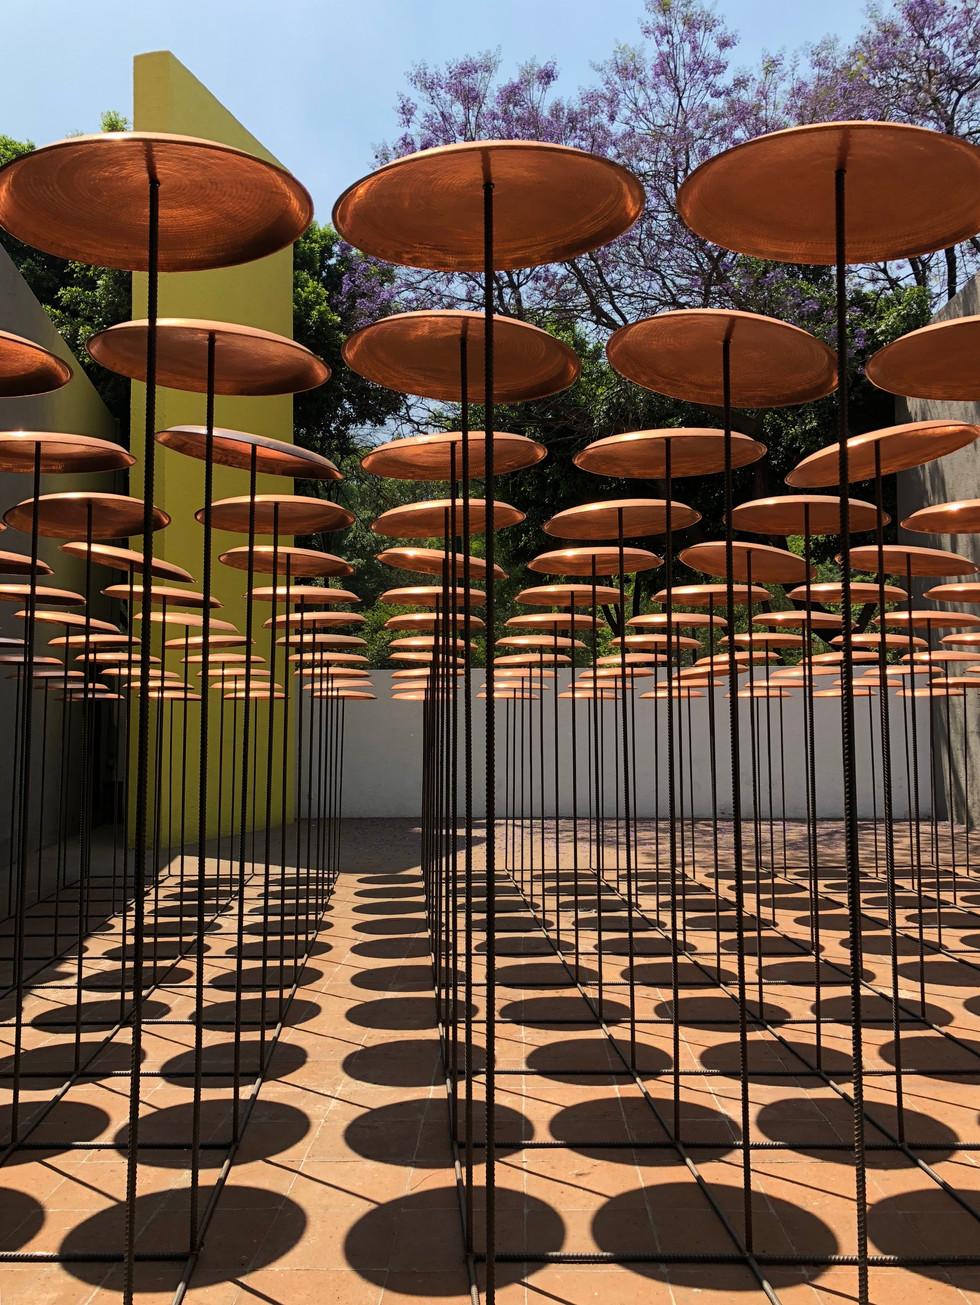 Museo Experimental el Eco - Mexico